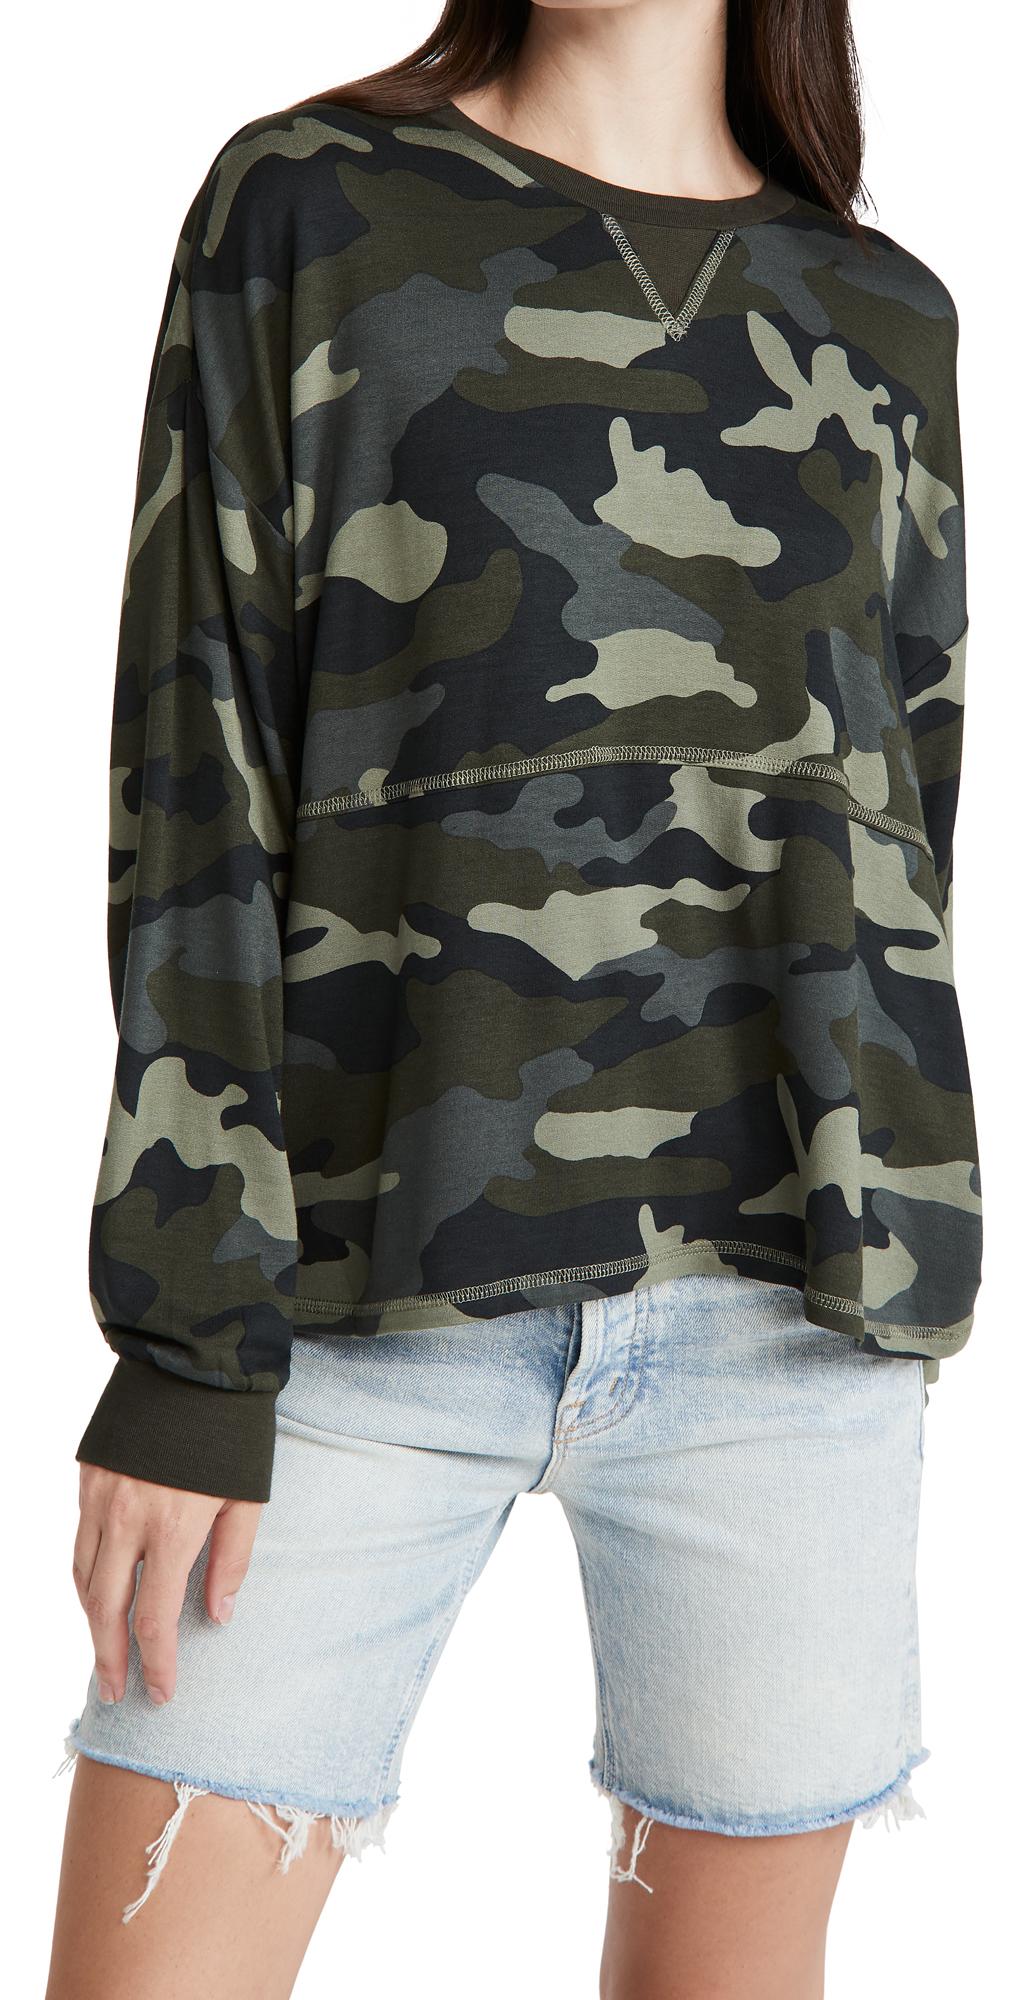 BB Dakota Nothin' To See Here Camo Sweatshirt